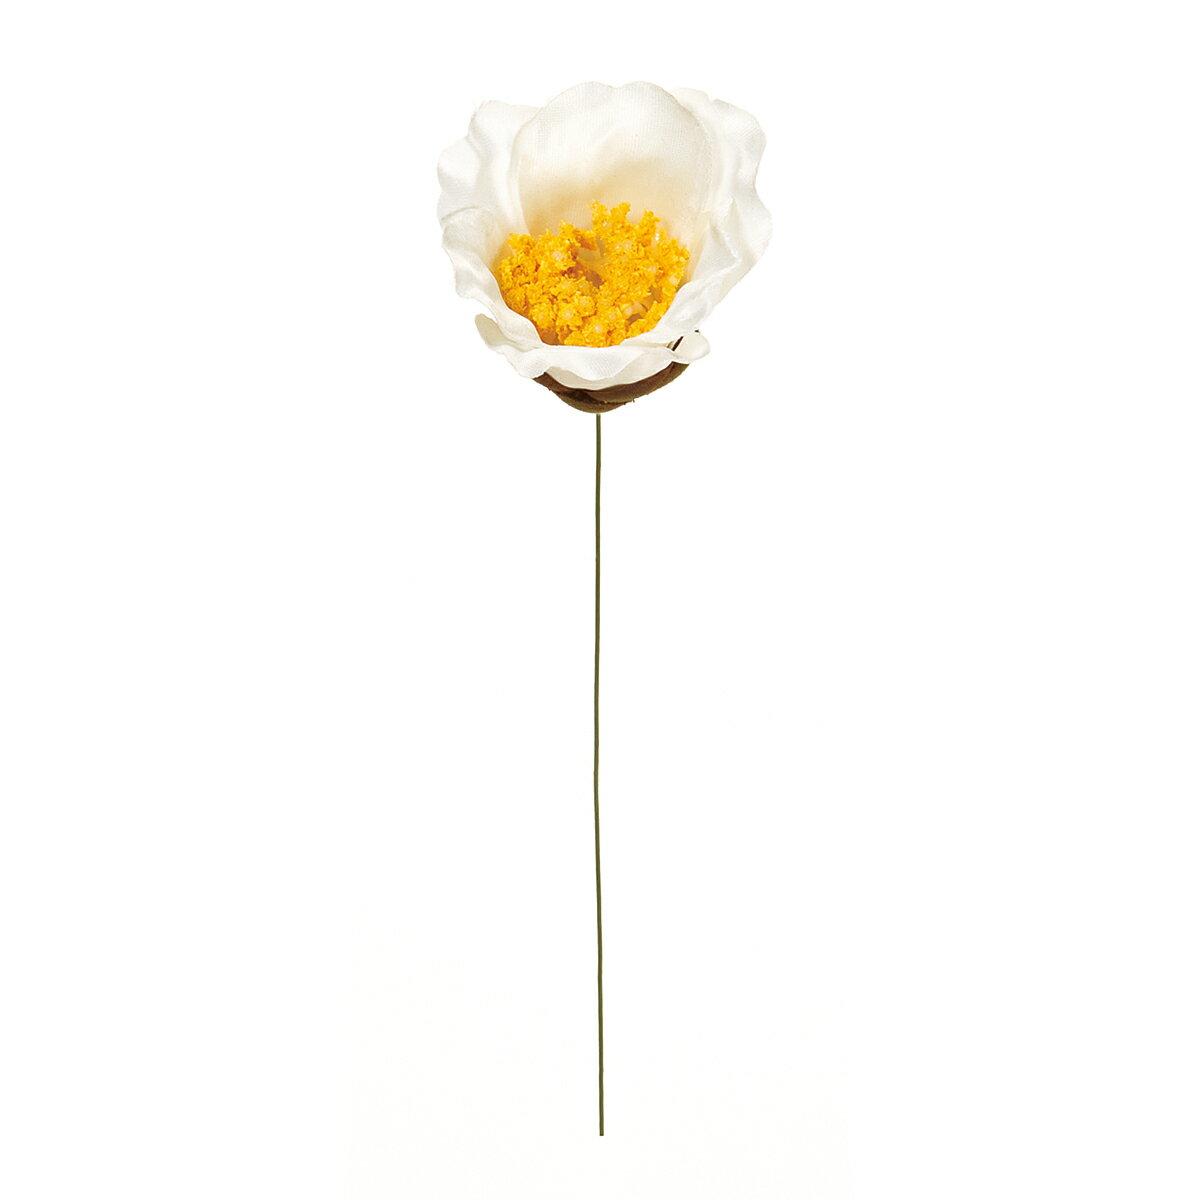 【造花】MAGIQ(東京堂)/椿ピックS #1 ホワイト 3本/FJ001859-001【01】【取寄】《 造花(アーティフィシャルフラワー) 造花 花材「た行」 ツバキ(椿) 》